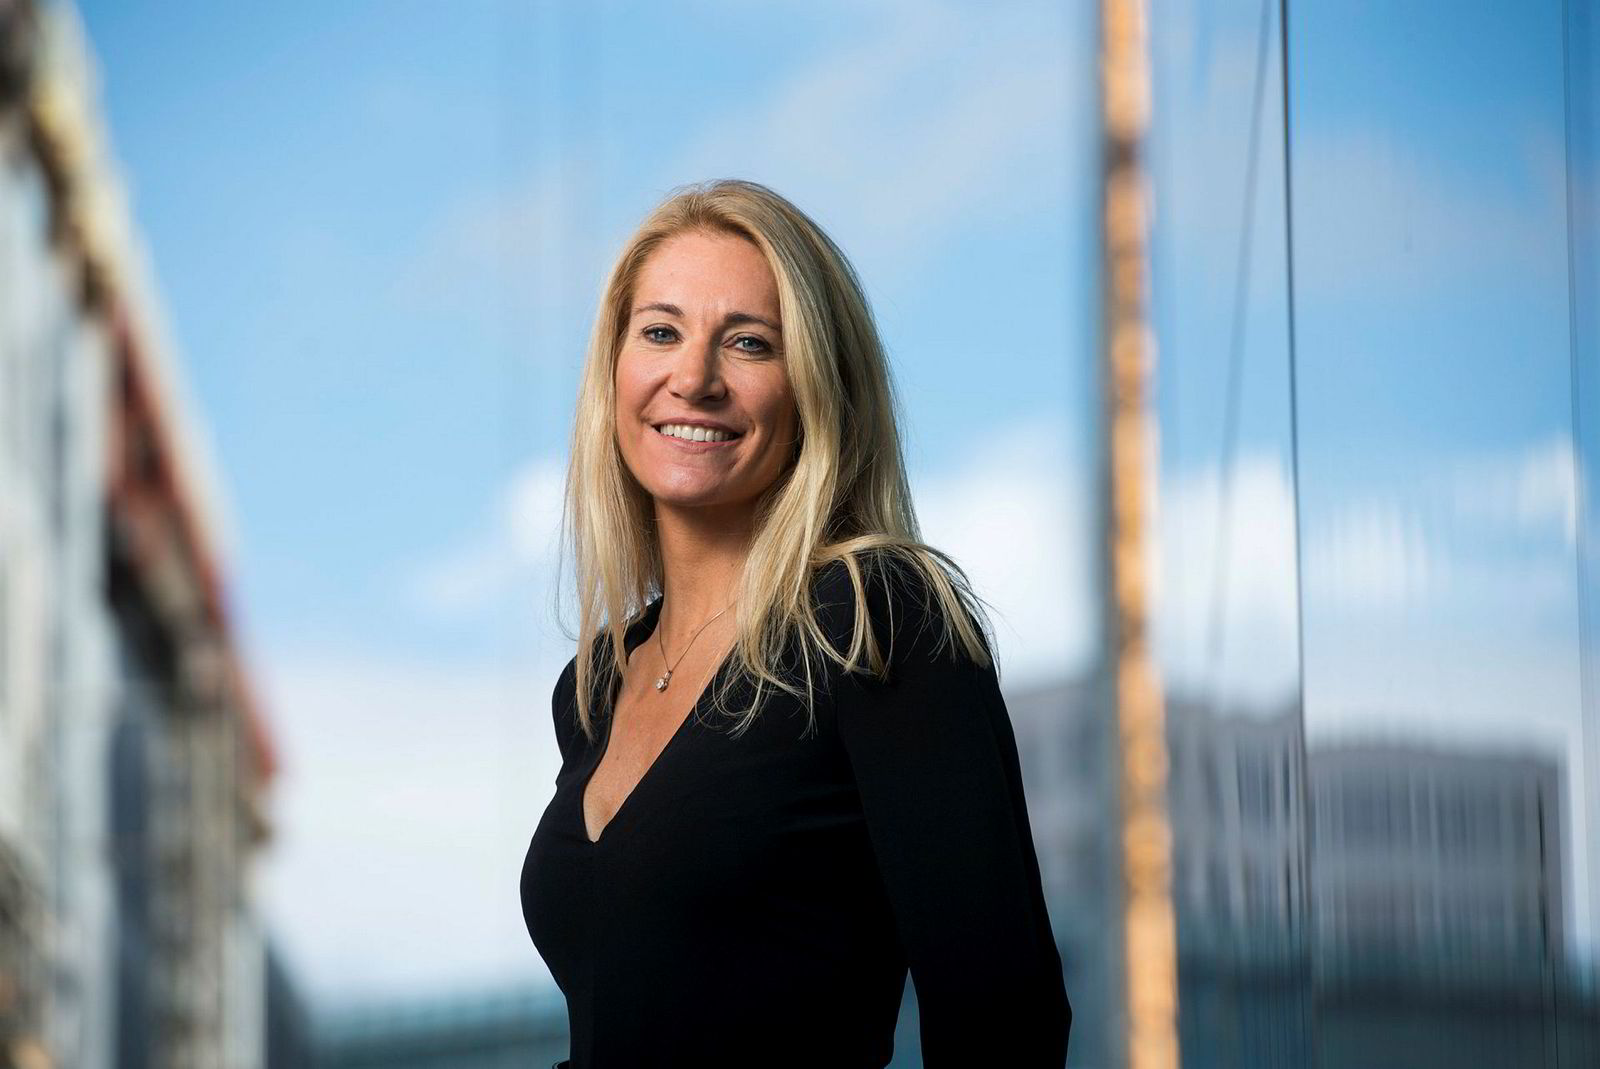 Julie Brodtkorb, leder av Norges Banks representantskap, ber om at sentralbanksjefen besvarer en rekke ubesvarte spørsmål om ansettelsen av ny oljefondssjef.